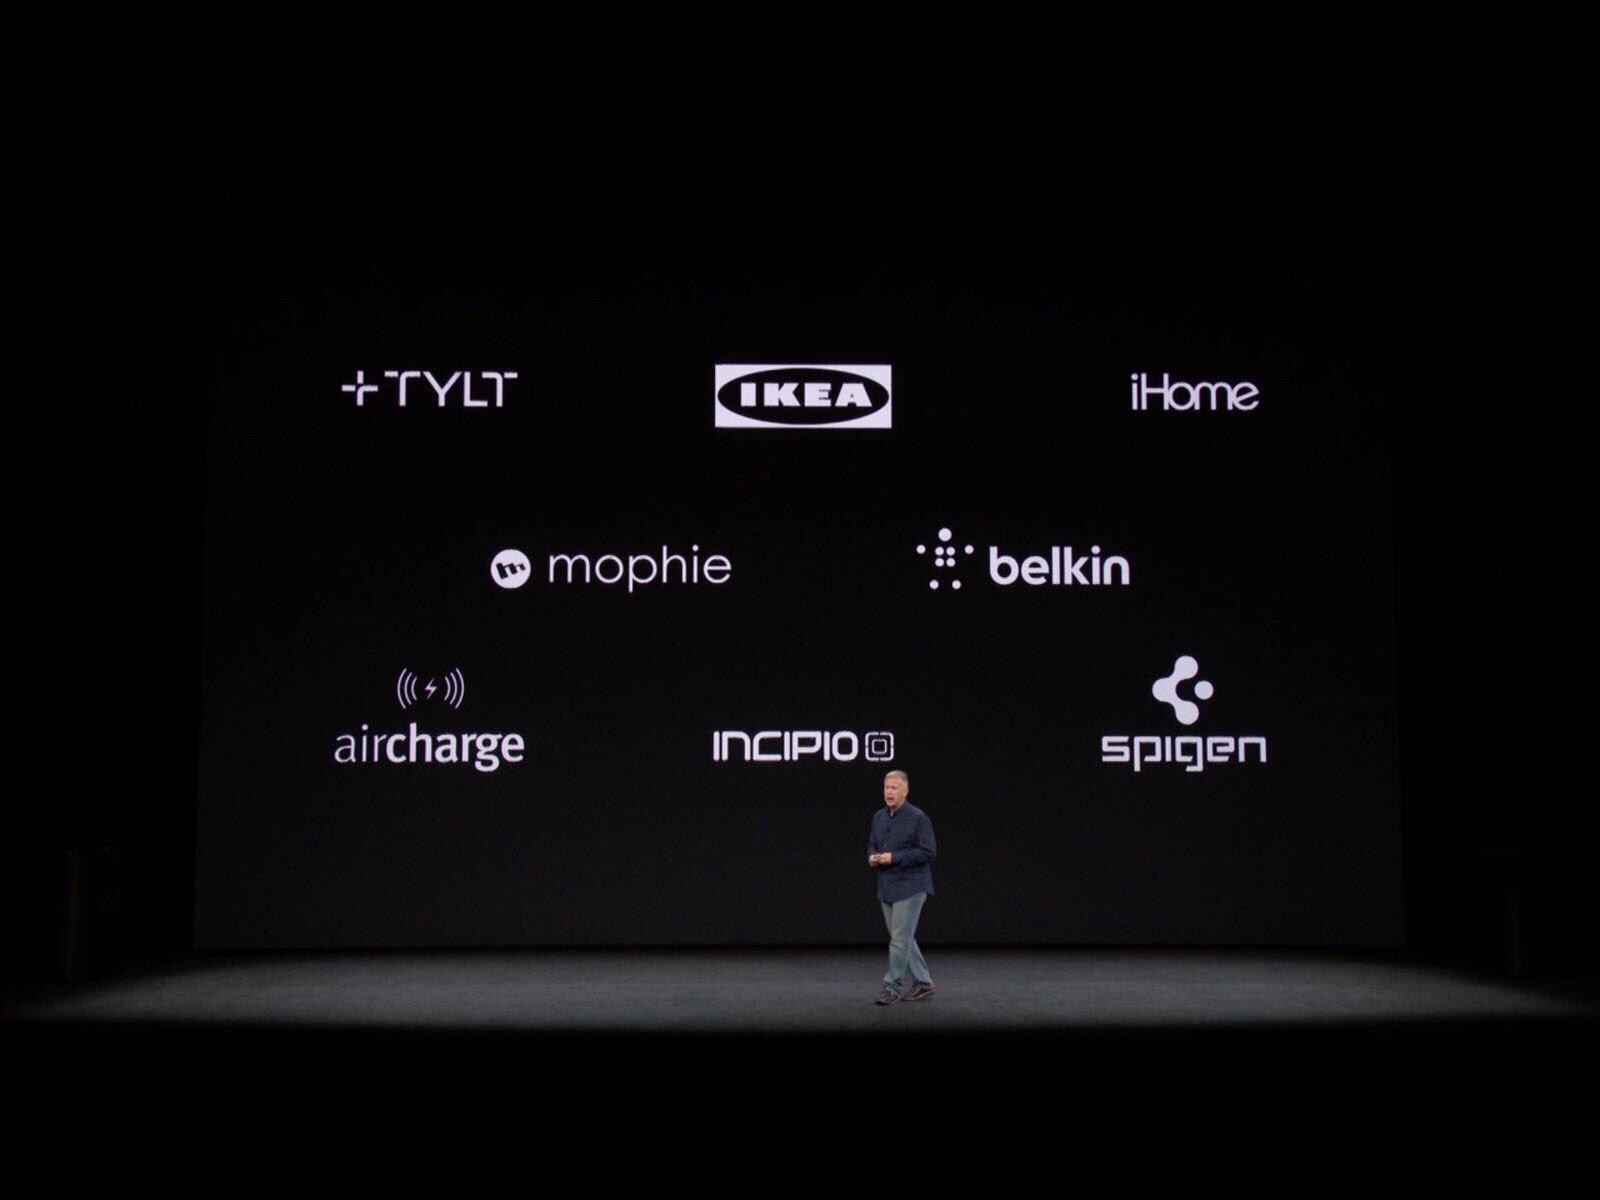 aircharge-at-apple-keynote-2017.jpg